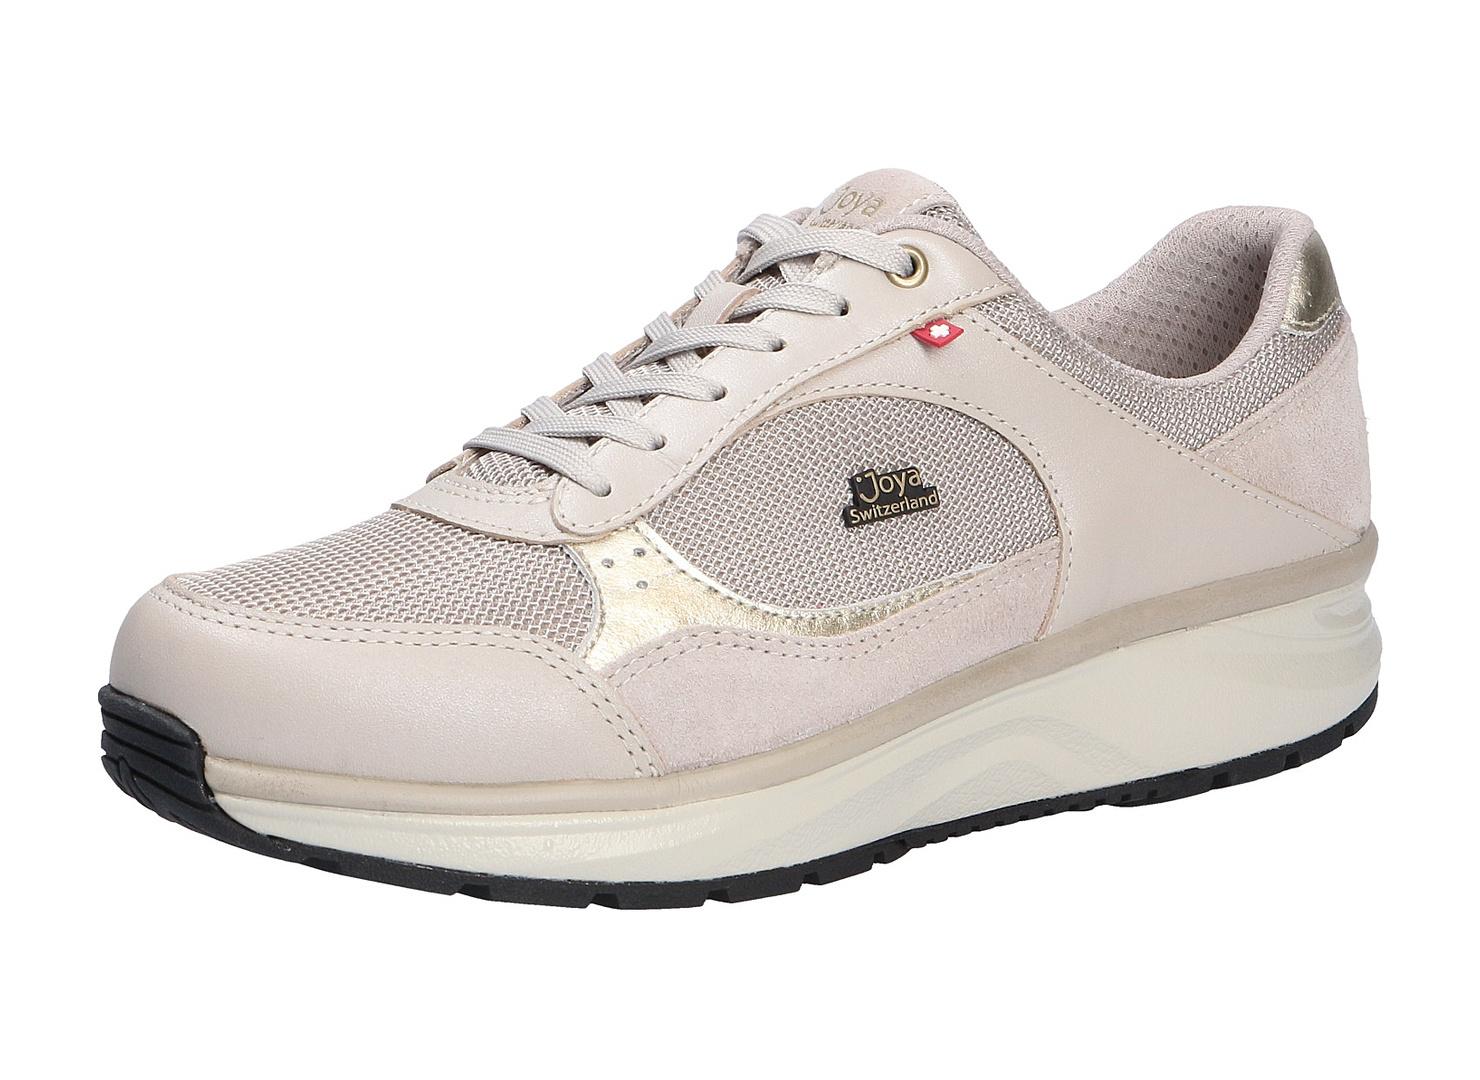 8ee28de03c1 Skor - specialdämpade skor med utmärkt komfort